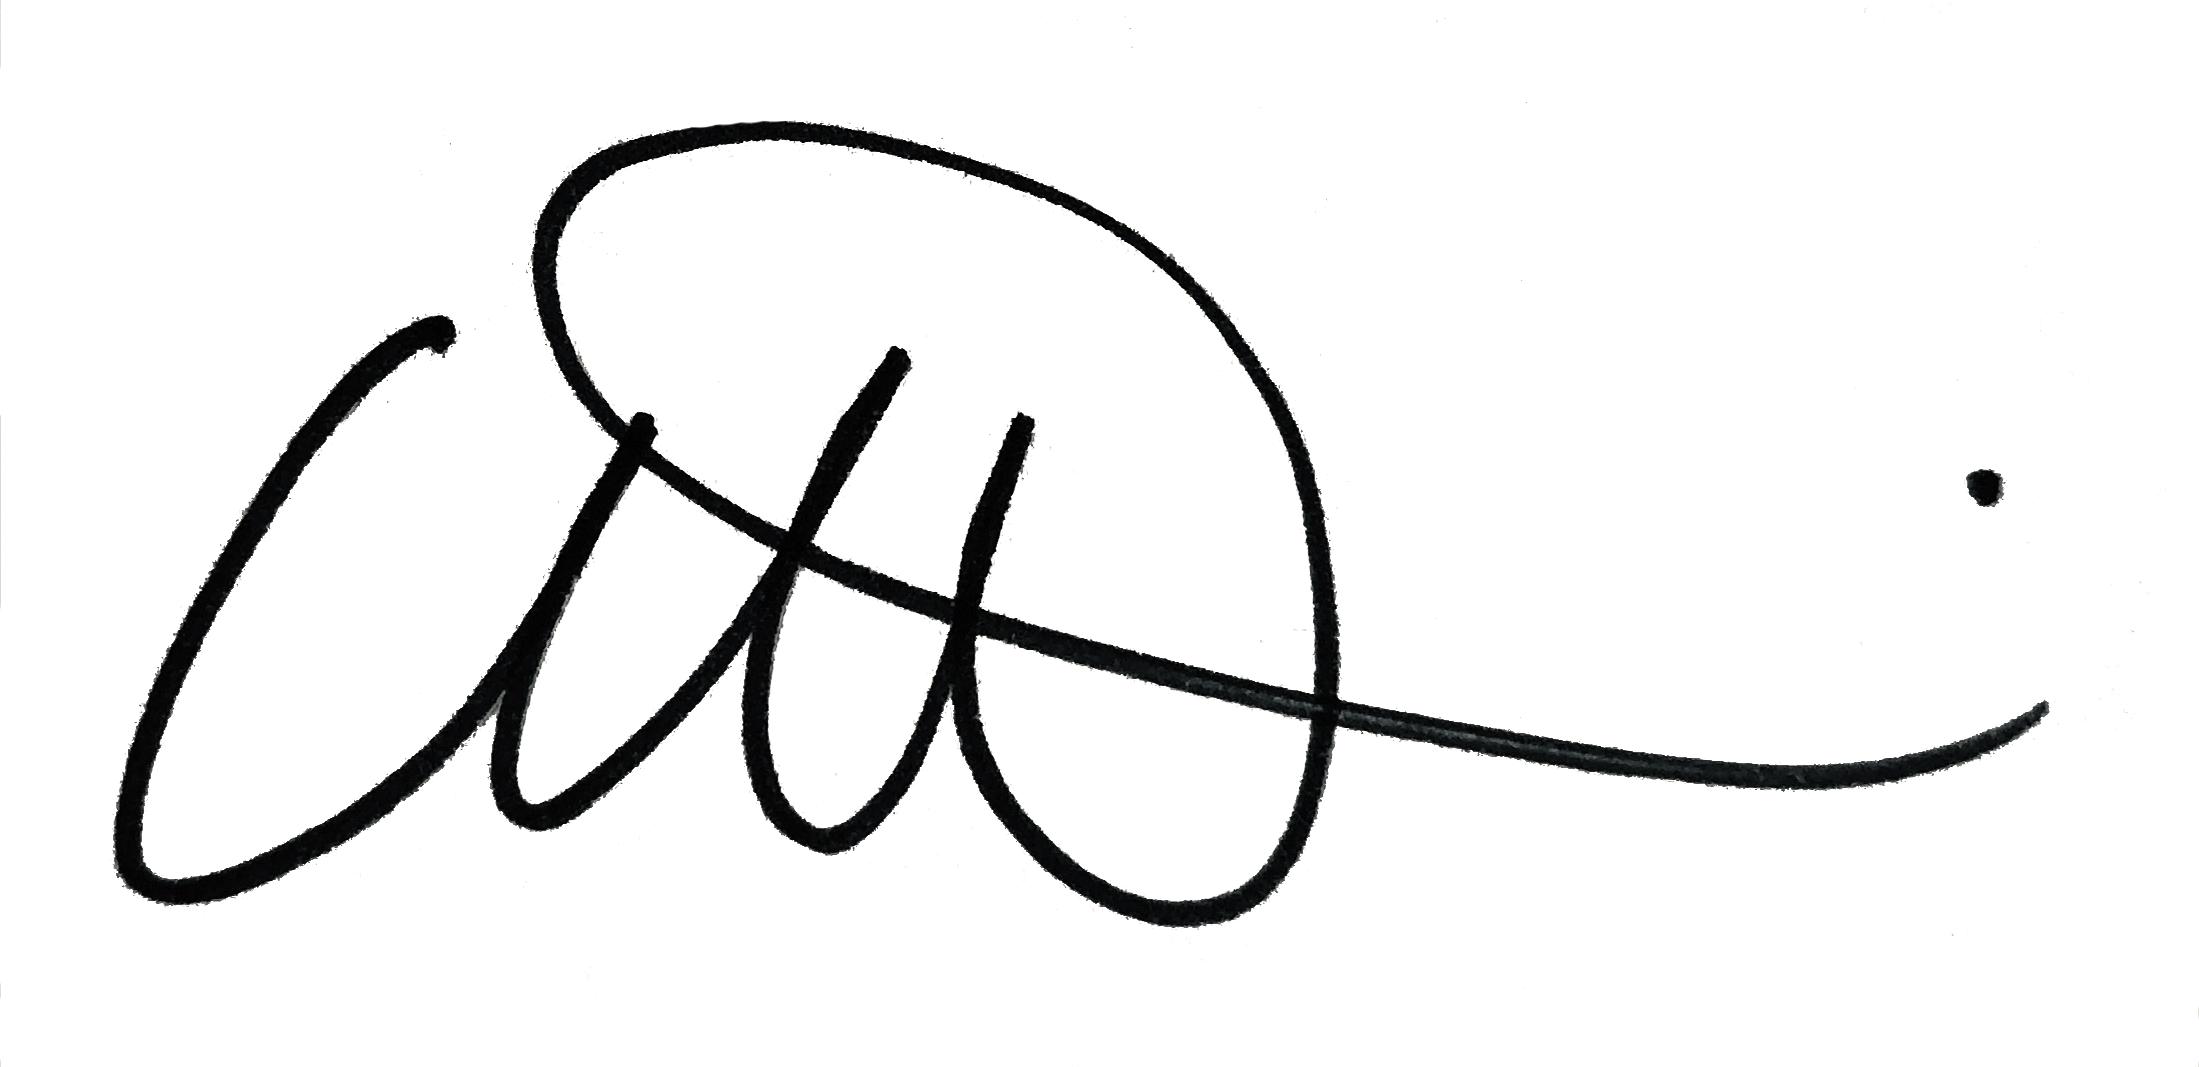 Amanda_signature